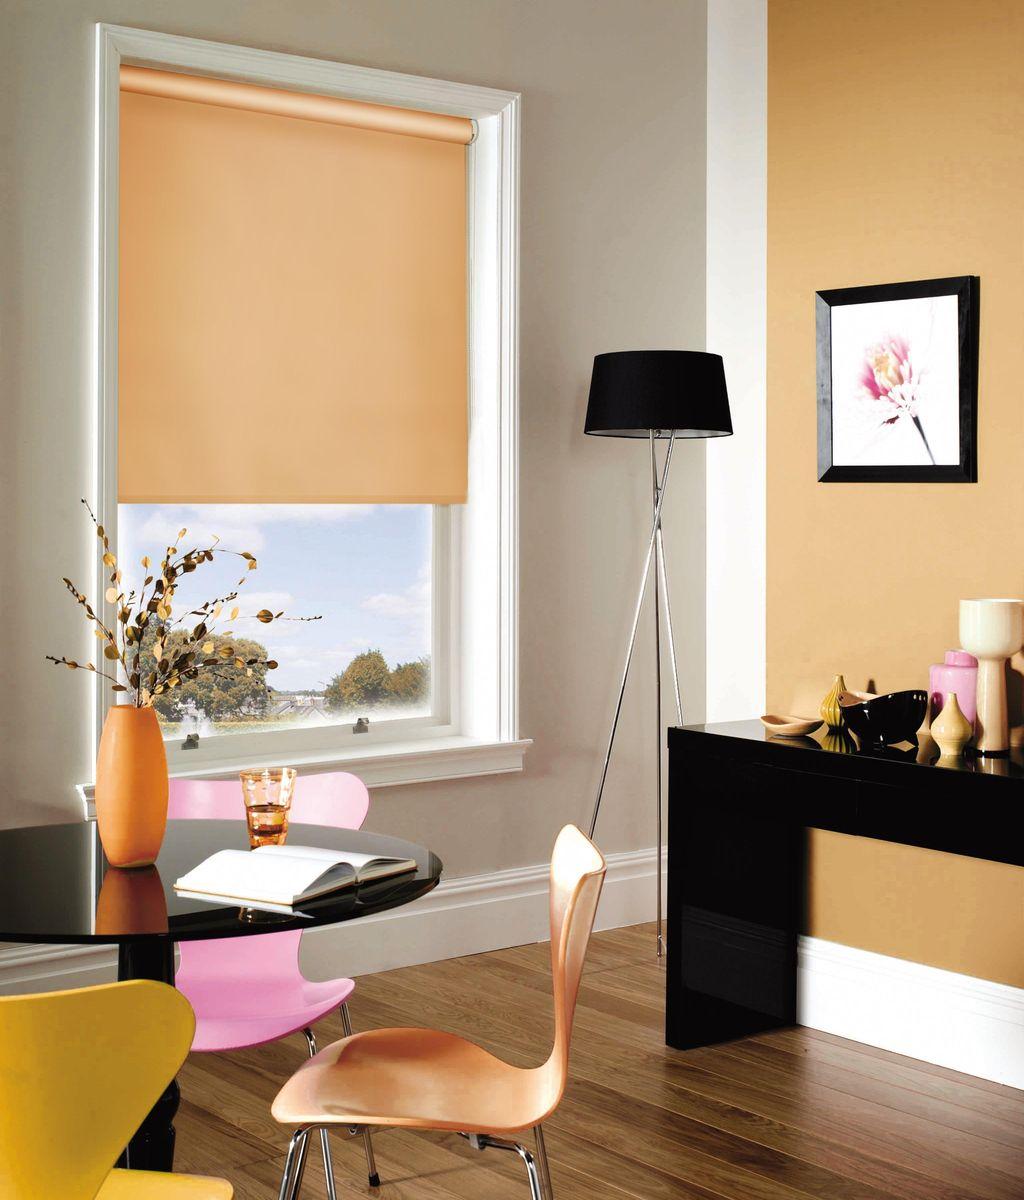 Штора рулонная Эскар Ролло. Однотонные, цвет: абрикос, ширина 160 см, высота 170 см81012160170Рулонными шторами можно оформлять окна как самостоятельно, так ииспользовать в комбинации с портьерами. Это поможет предотвратитьвыгорание дорогой ткани на солнце и соединит функционал рулонных скрасотой навесных. Преимущества применения рулонных штор для пластиковых окон: - имеют прекрасный внешний вид: многообразие и фактурность материалаизделия отлично смотрятся в любом интерьере;- многофункциональны: есть возможность подобрать шторы способныеэффективно защитить комнату от солнца, при этом о на не будет слишкомтемной.- Есть возможность осуществить быстрый монтаж. ВНИМАНИЕ! Размеры ширины изделия указаны по ширине ткани! Во время эксплуатации не рекомендуется полностью разматывать рулон, чтобыне оторвать ткань от намоточного вала. В случае загрязнения поверхности ткани, чистку шторы проводят одним изспособов, в зависимости от типа загрязнения:легкое поверхностное загрязнение можно удалить при помощи канцелярскоголастика;чистка от пыли производится сухим методом при помощи пылесоса с мягкойщеткой-насадкой;для удаления пятна используйте мягкую губку с пенообразующим неагрессивныммоющим средством или пятновыводитель на натуральной основе (нельзяприменять растворители).